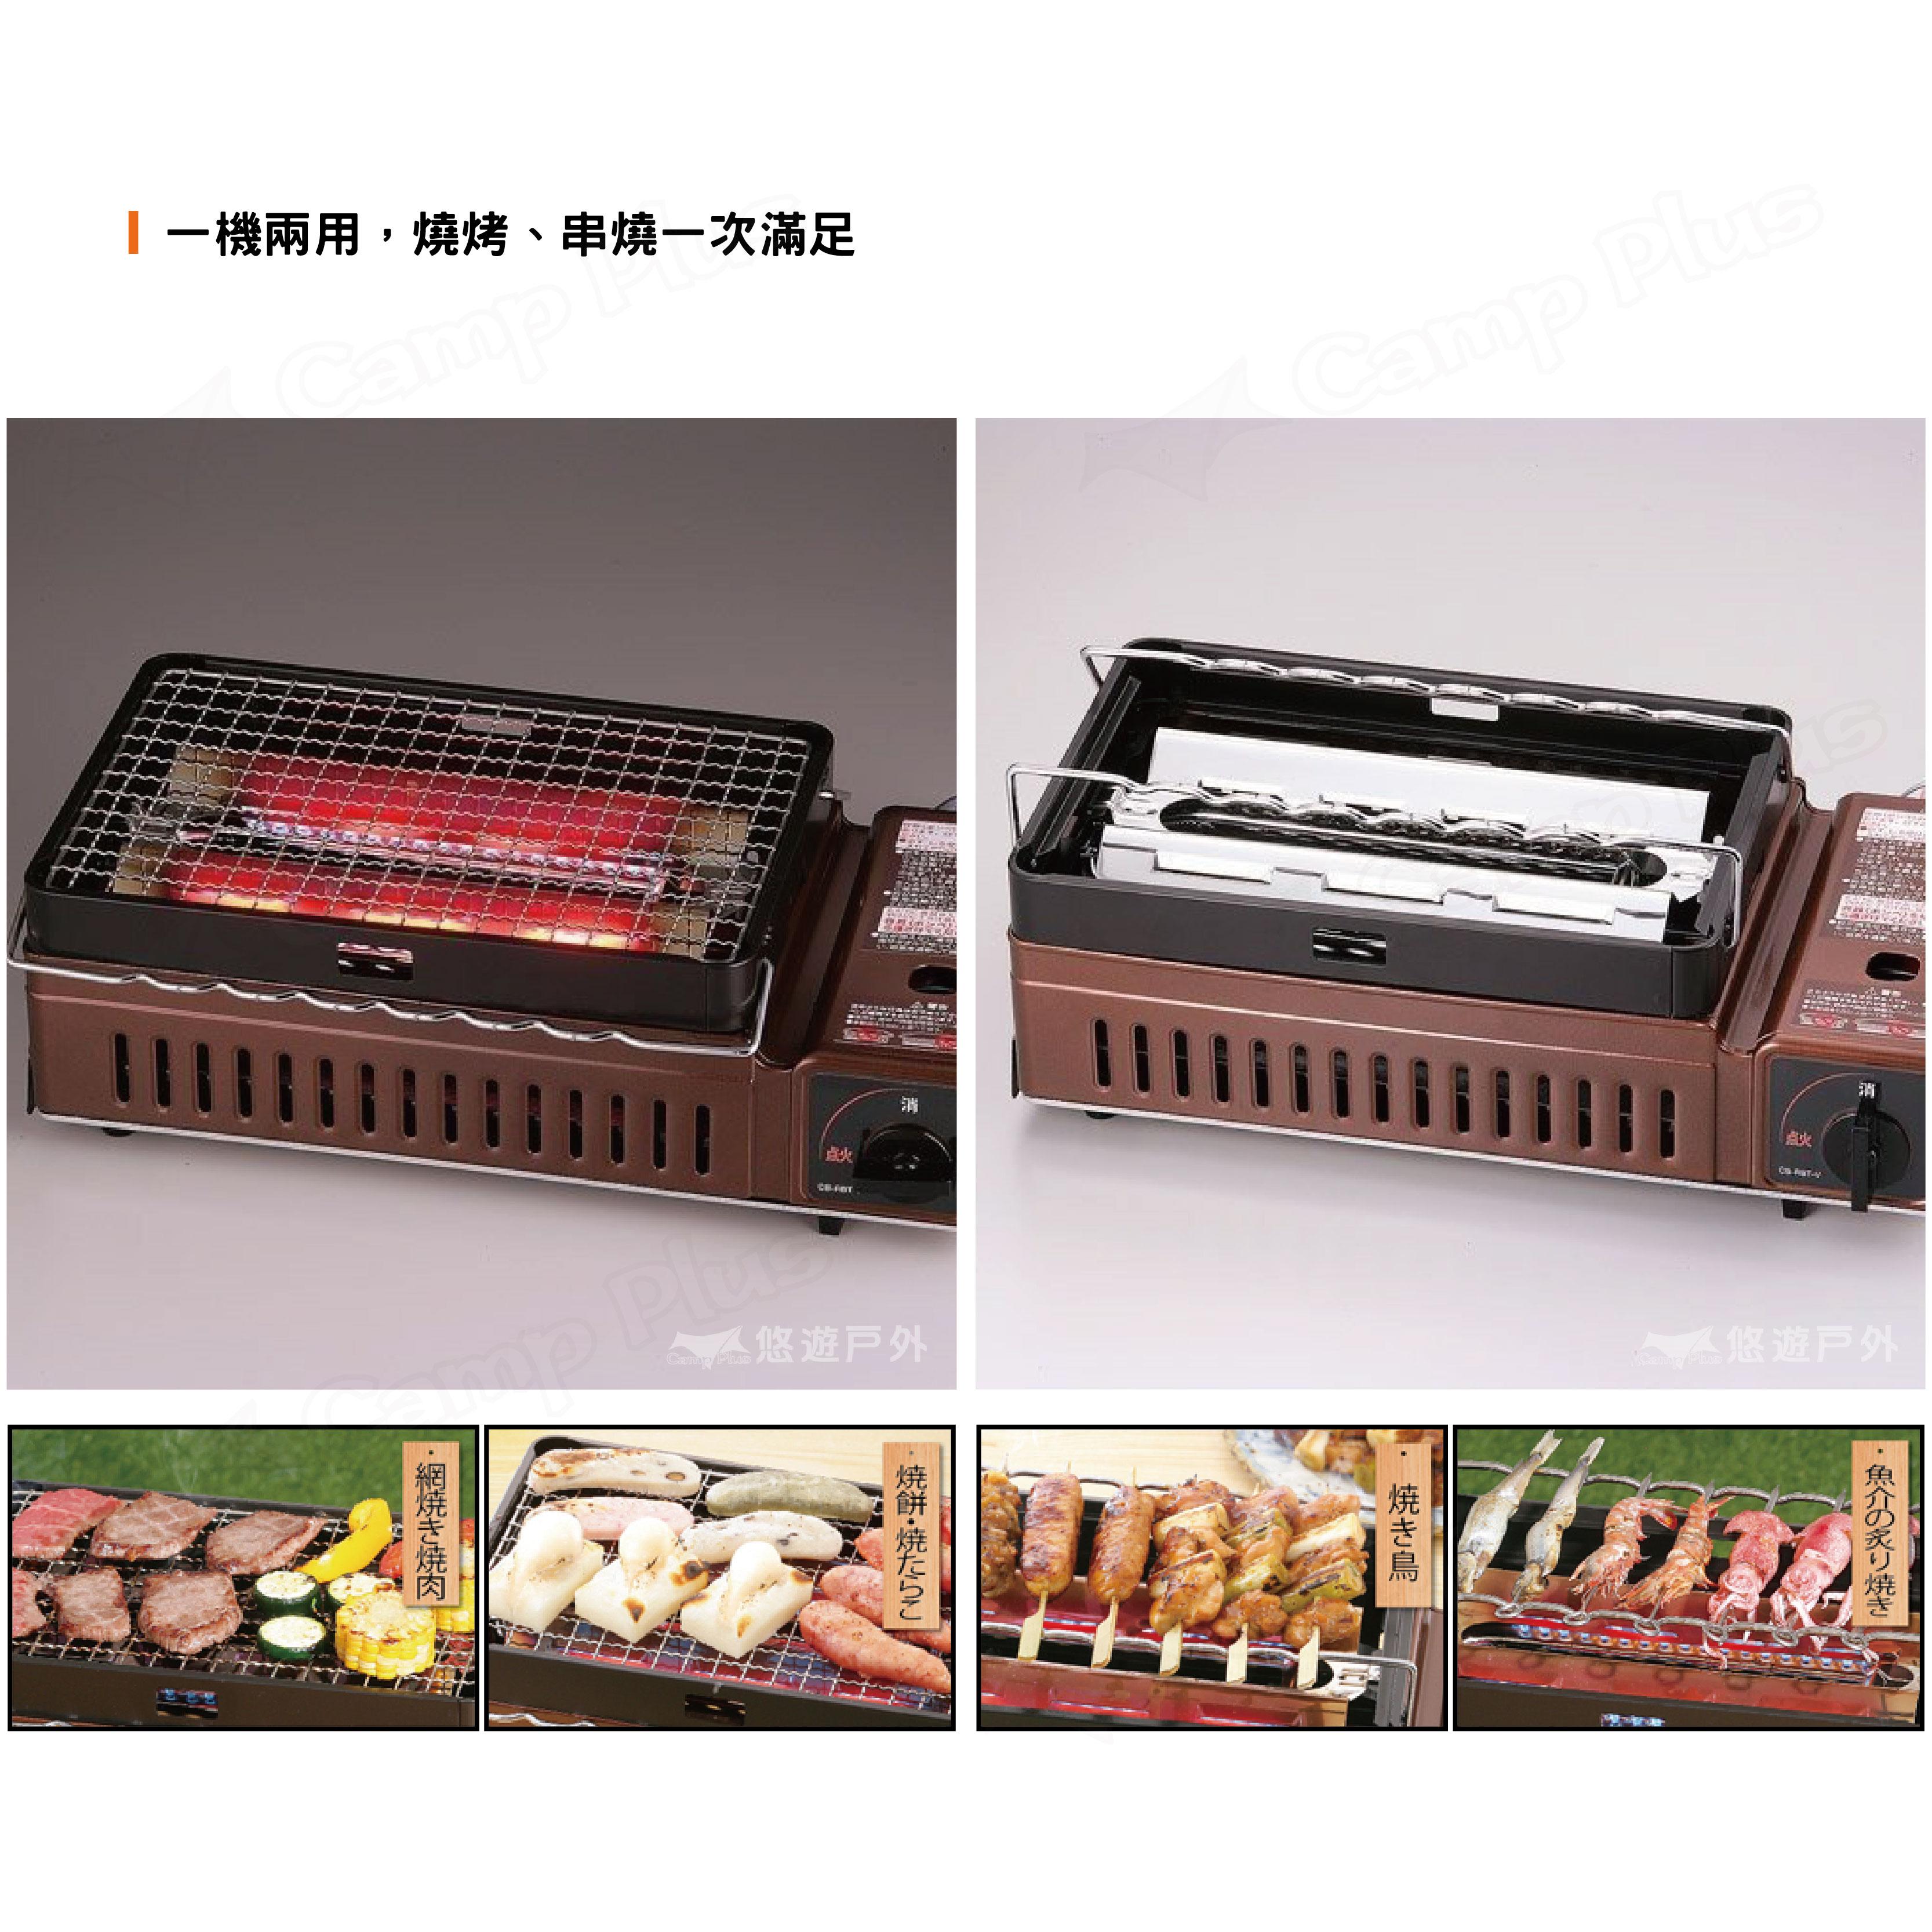 【贈岩谷瓦斯罐】IWATANI 日本岩谷 烤爐大將 燒鳥 卡式瓦斯烤肉爐(日本製)  CB-ABR-1 3